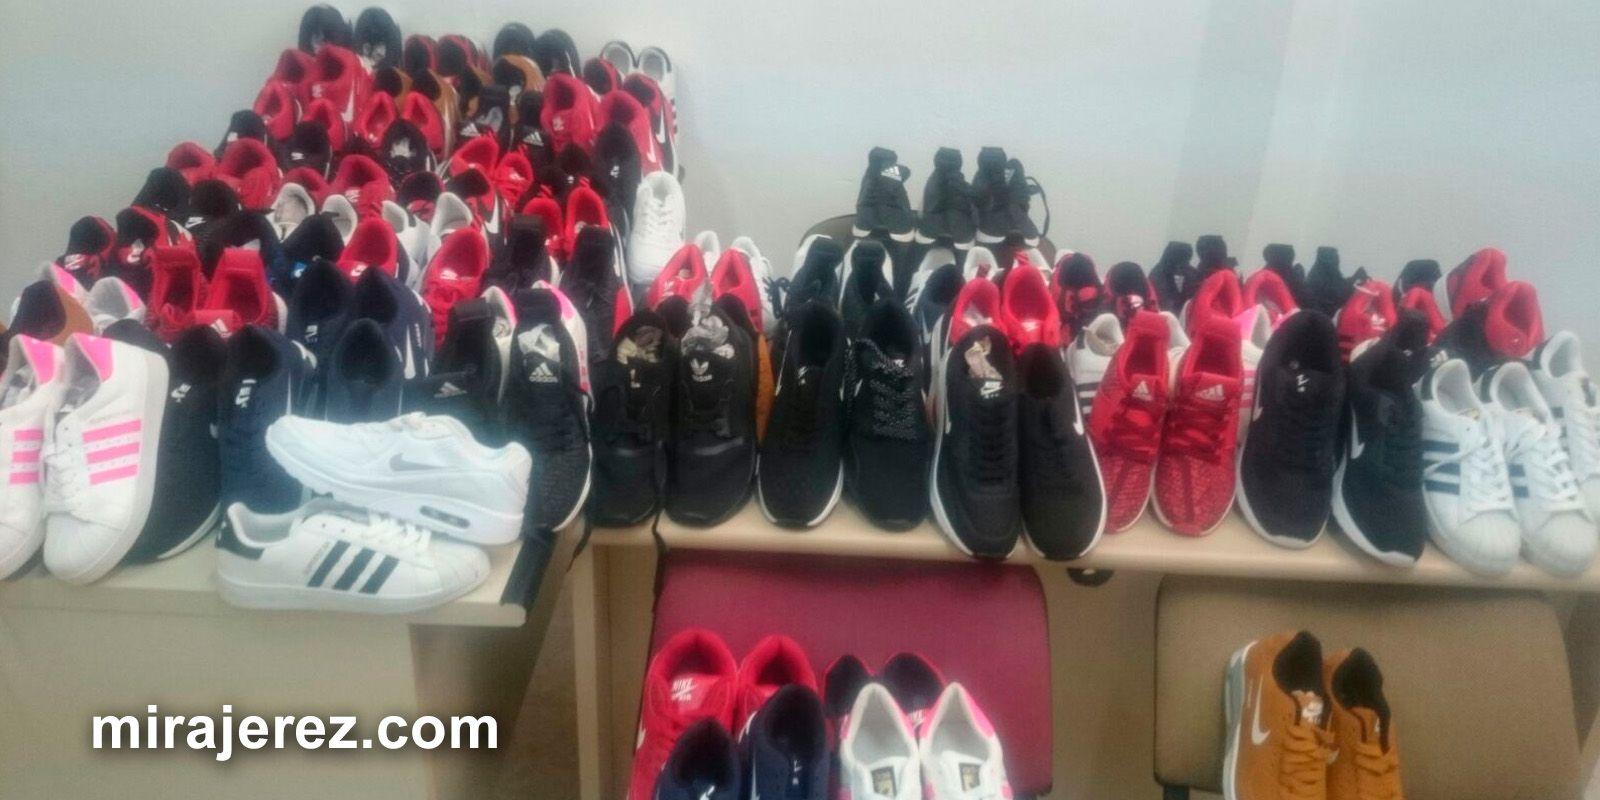 zapatillas de deporte falsificadas Adidas y Nike en Estella - Jerez - 1